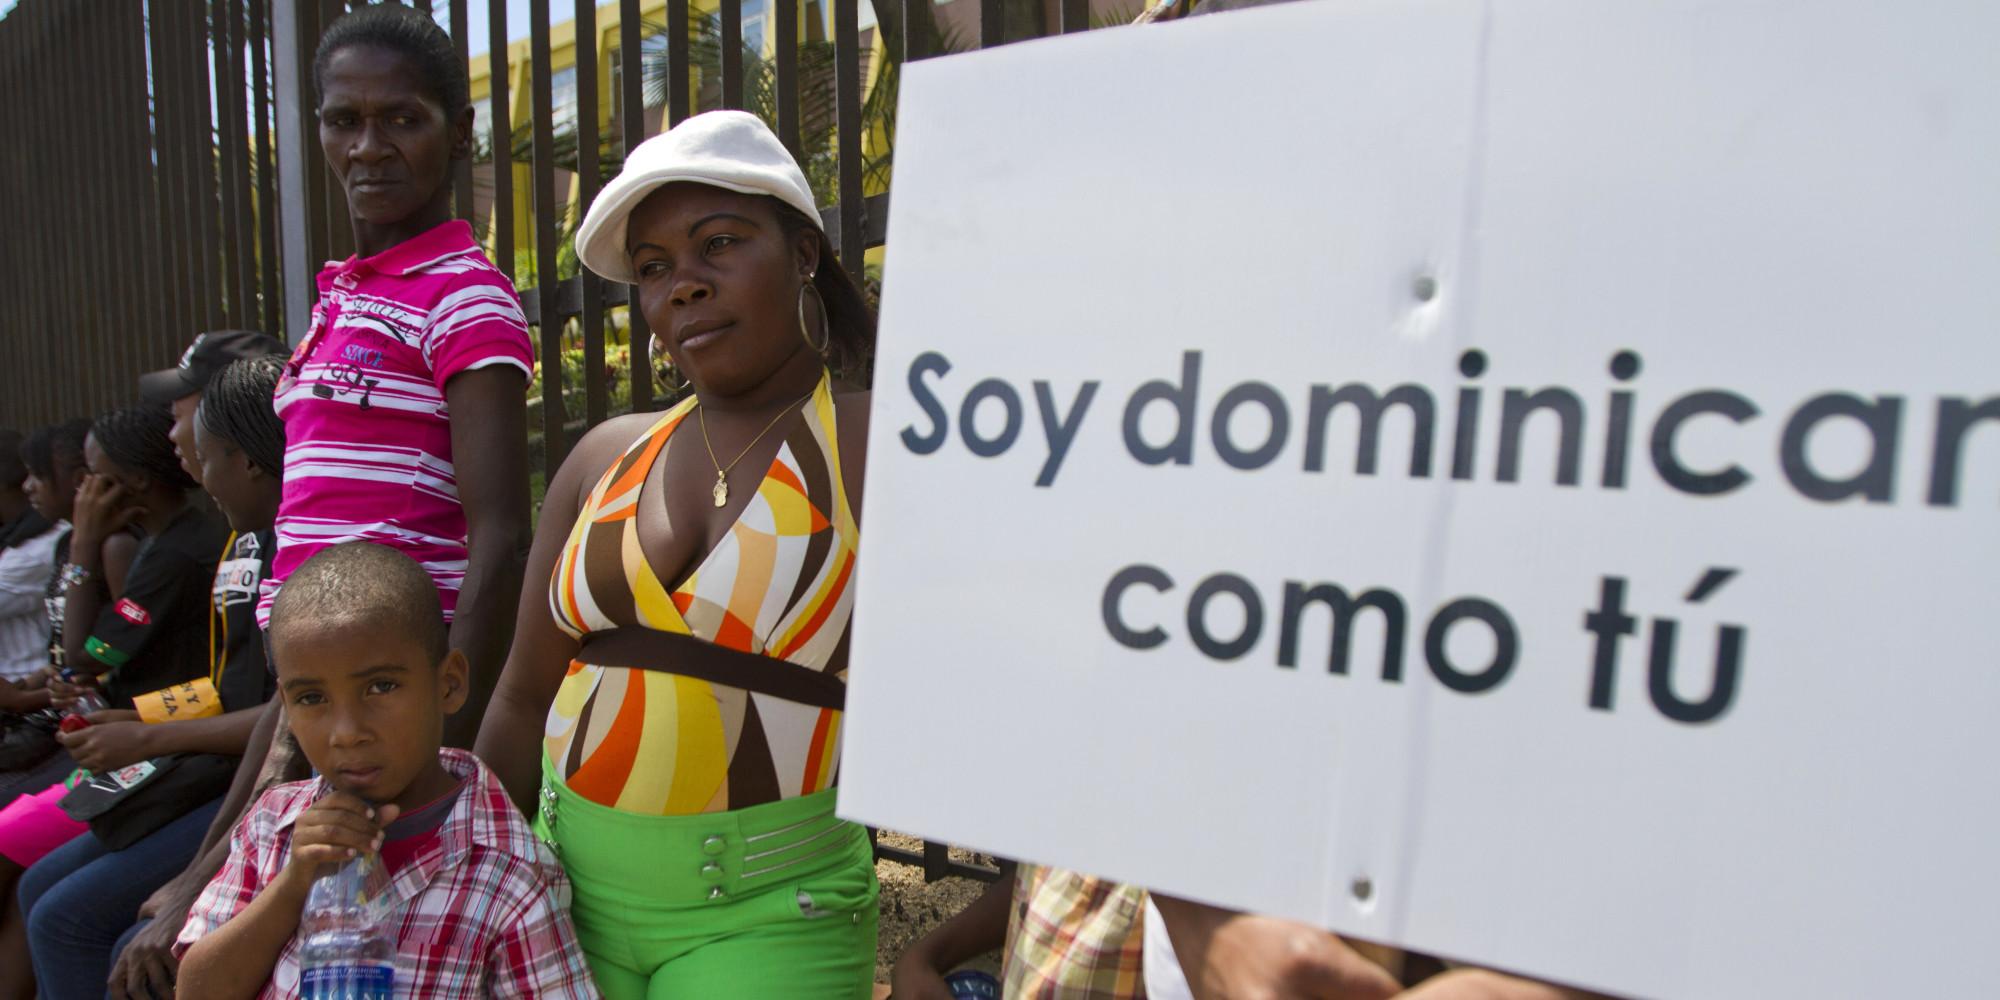 DOMINICAN-HAITI-CITIZENSHIP-DEMO